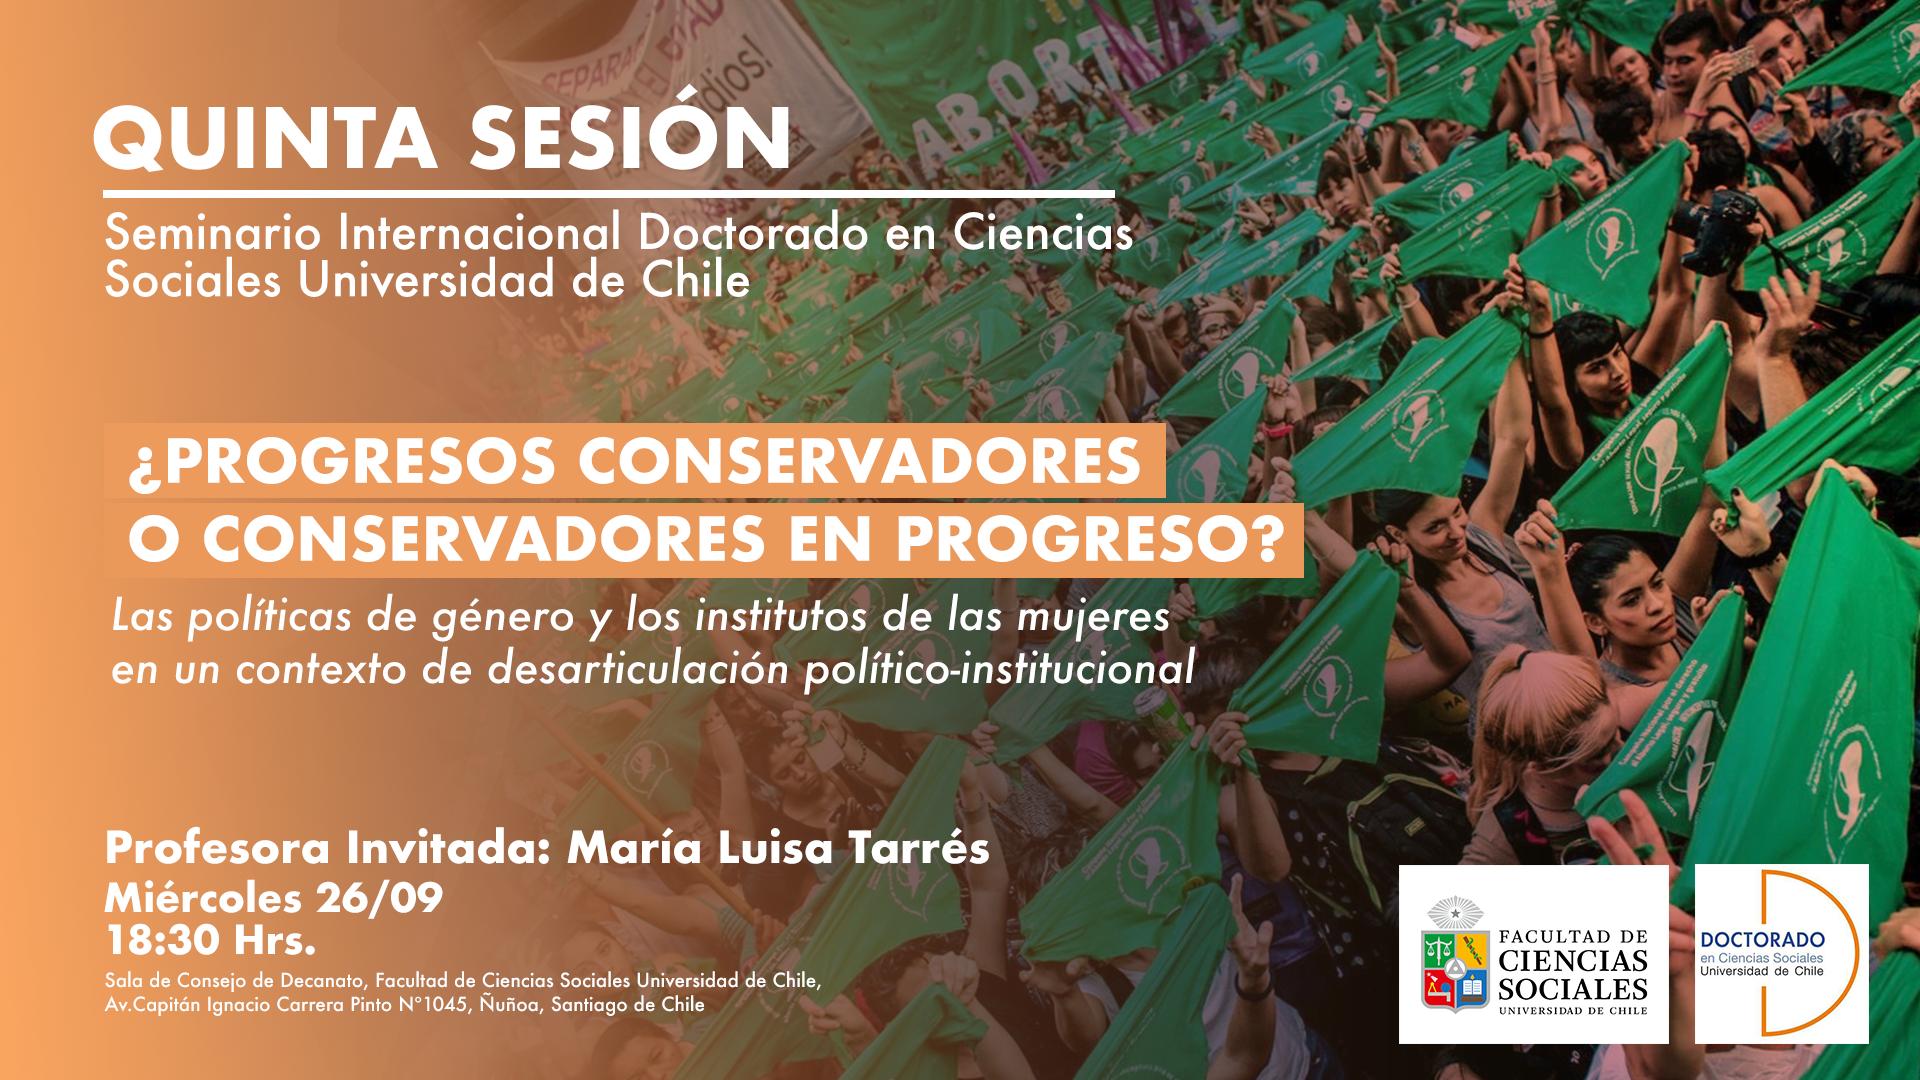 Quinta Sesión Seminario Internacional. Prof. invitada: María Luisa Tarrés